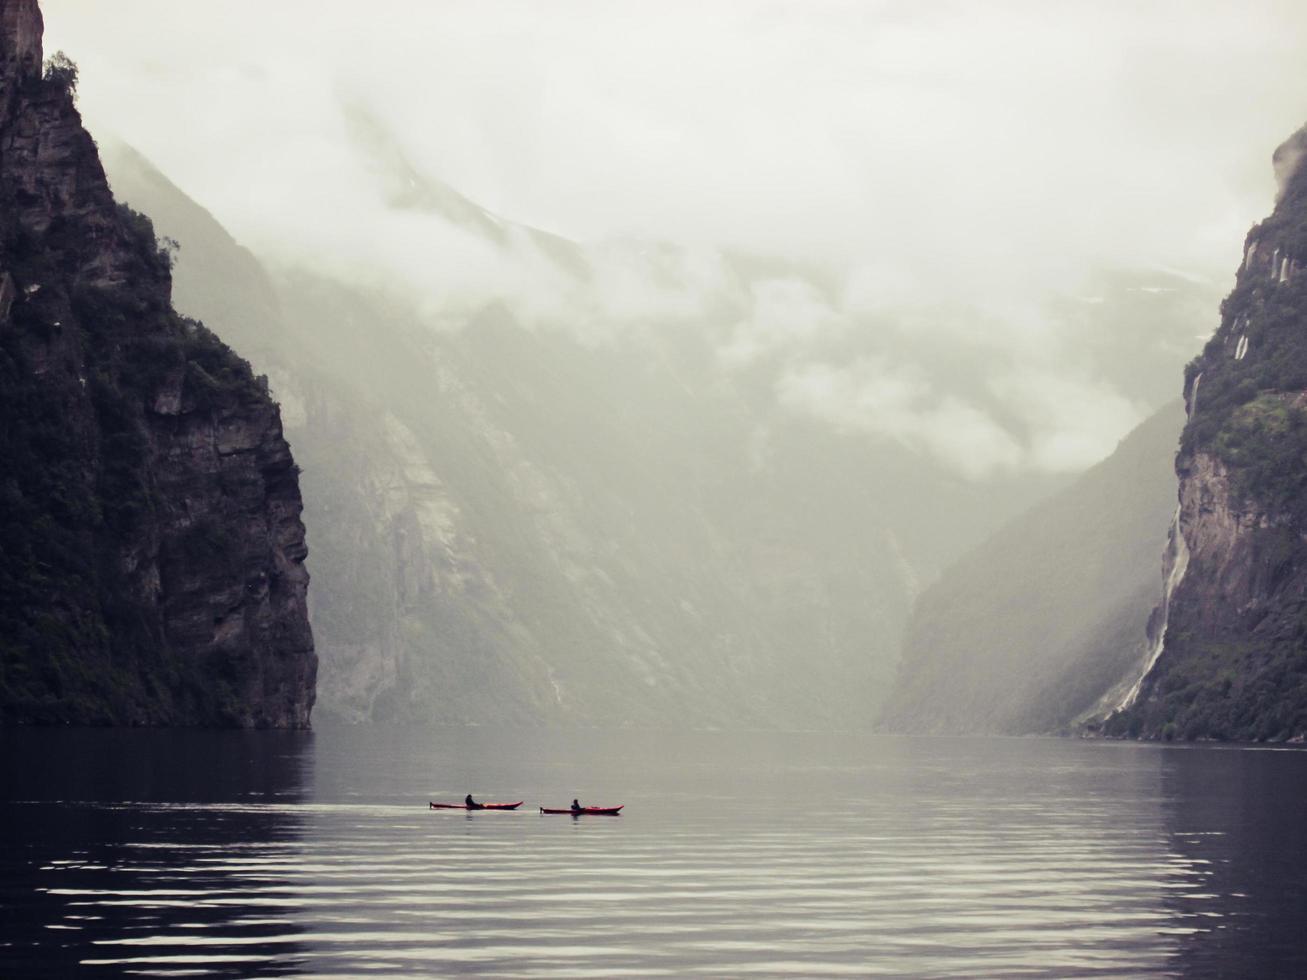 schilderachtig uitzicht van twee kajakkers in het meer in Noorwegen foto